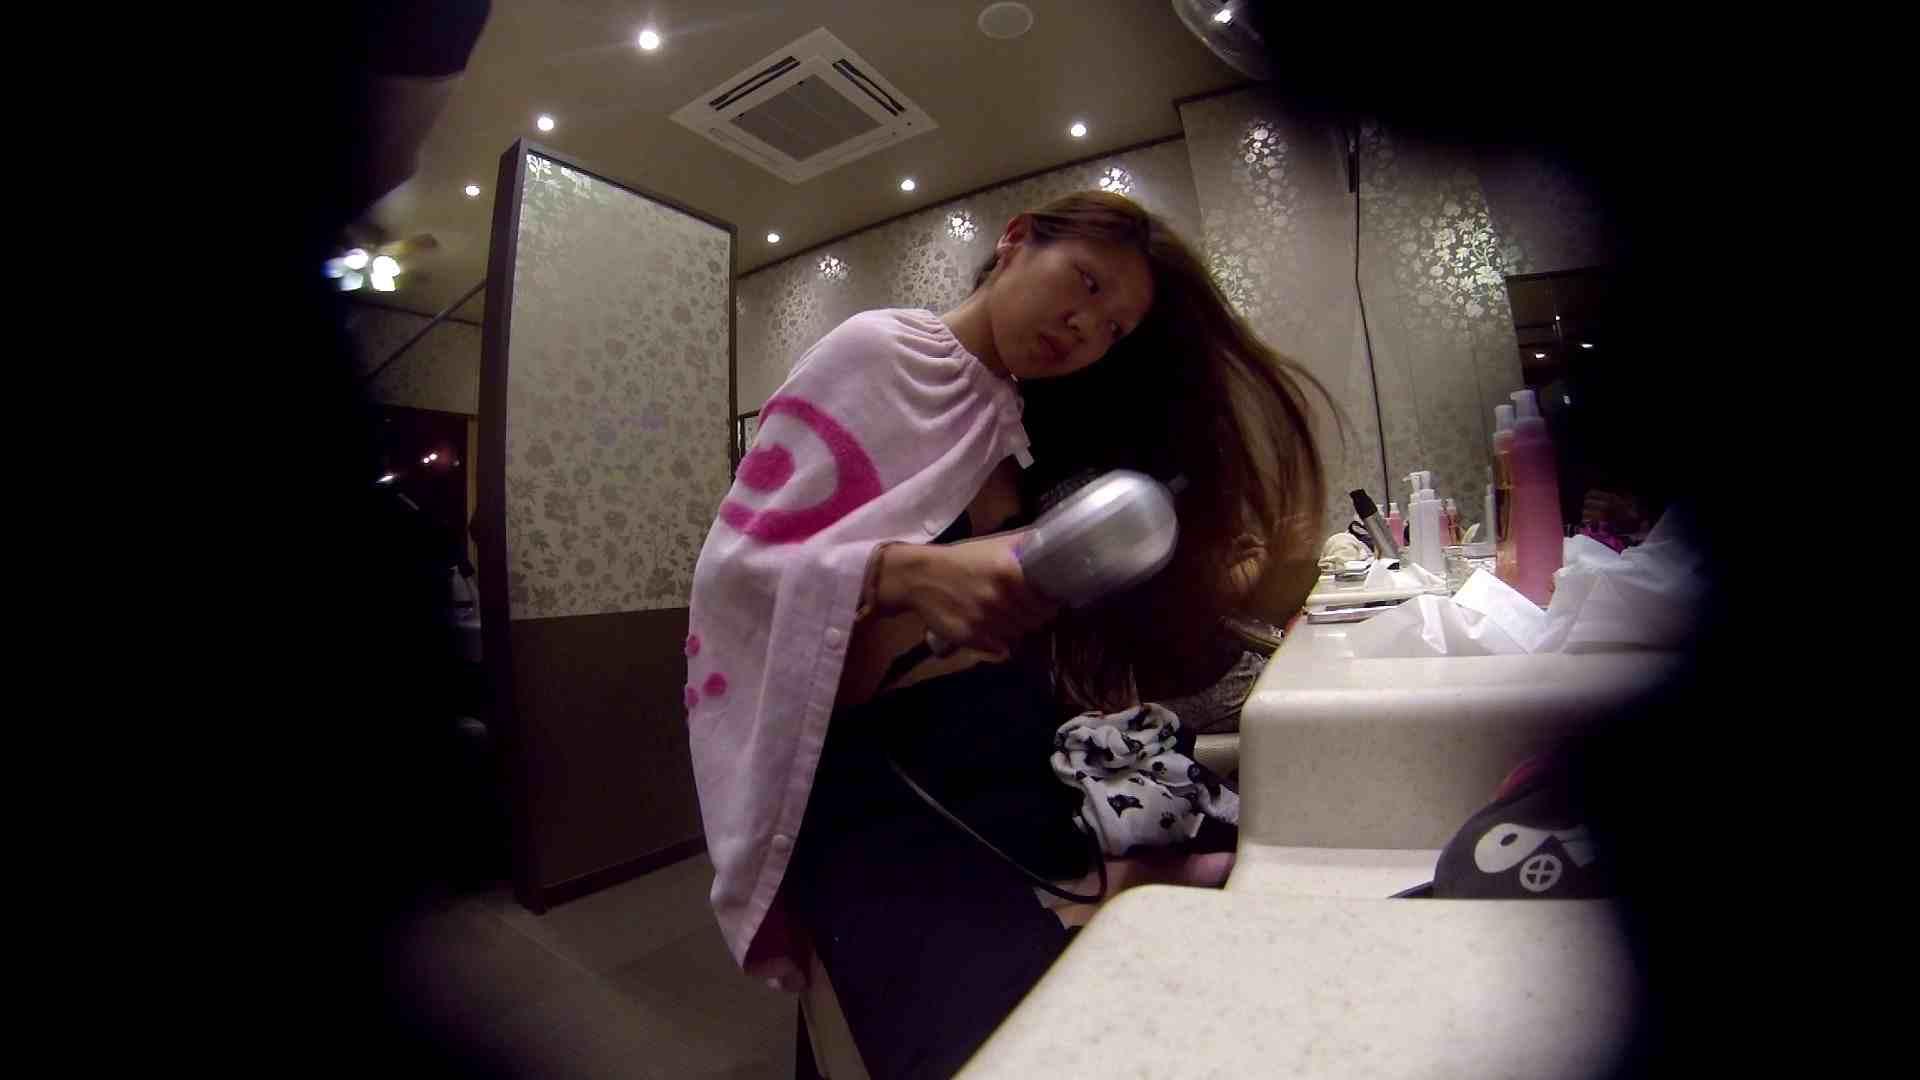 オムニバス!出入り口~シャワー~メイク室と移動。たくさんの女性が登場します 桃色シャワー  92pic 69